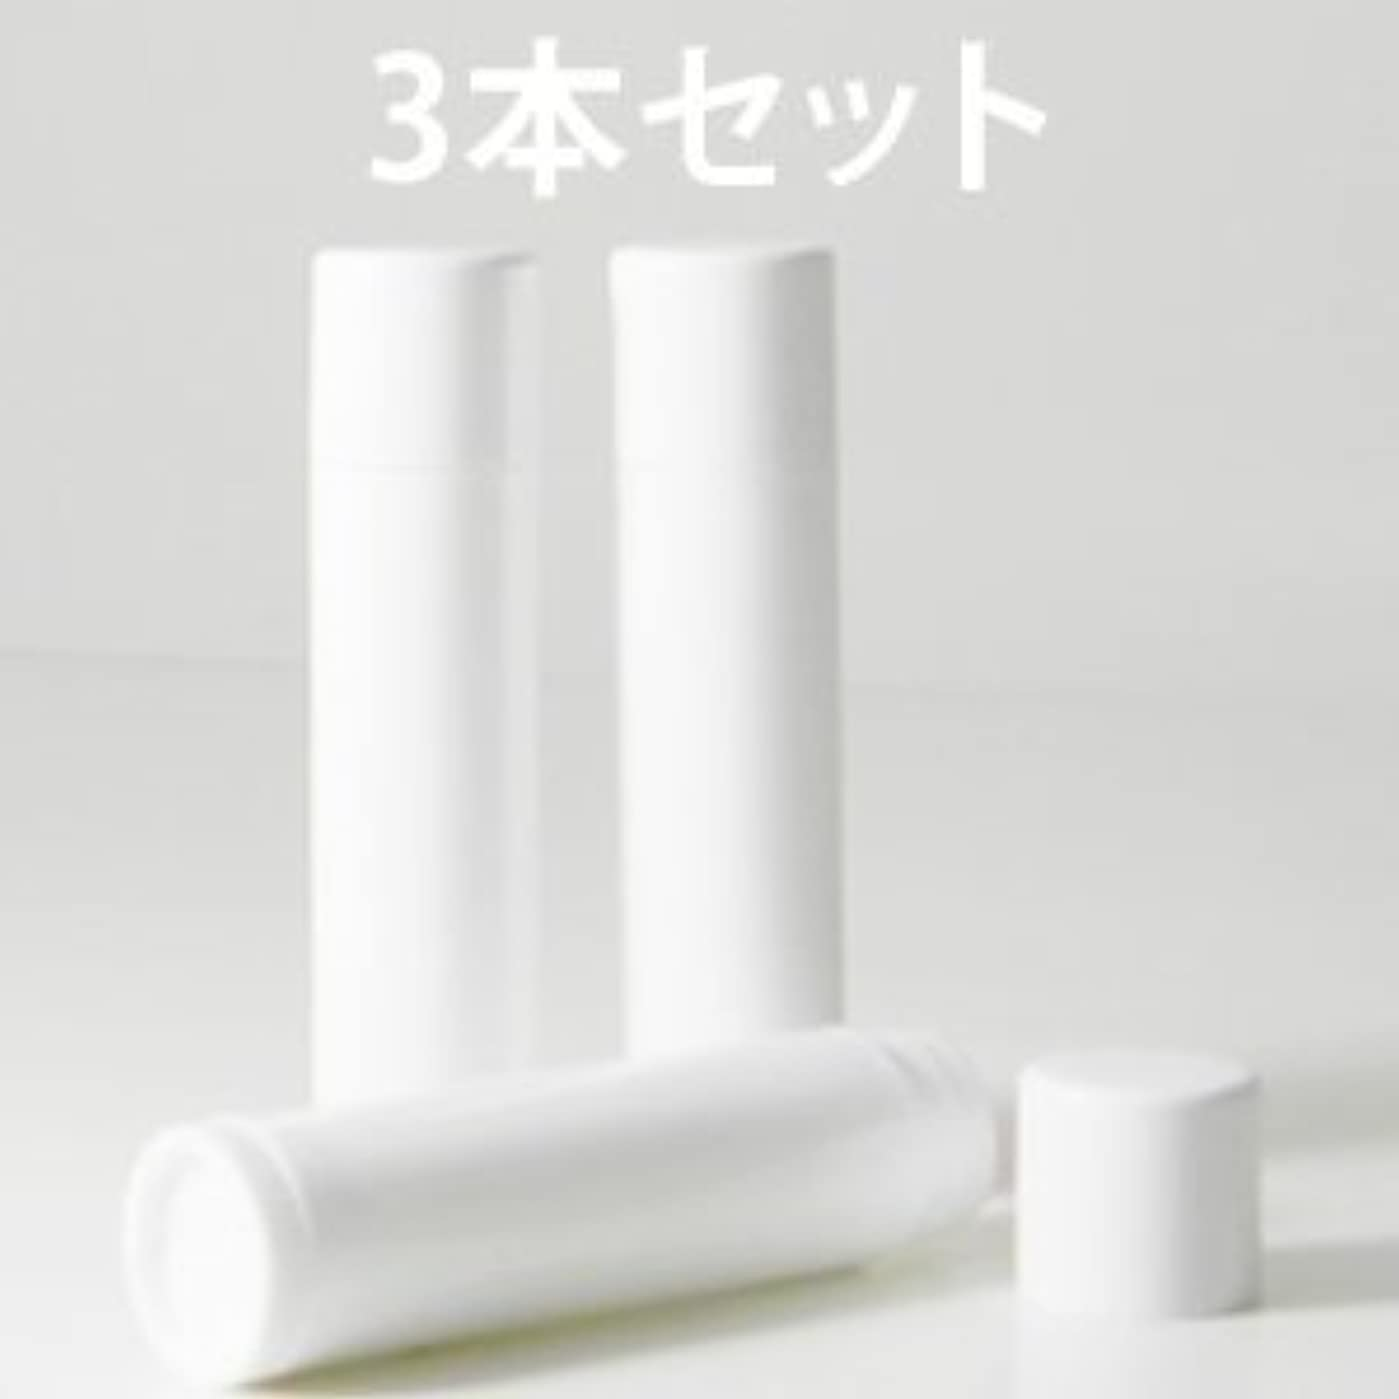 アウター補償コントローラリップバームチューブ (ホワイト) 3本セット 【手作り化粧品容器】